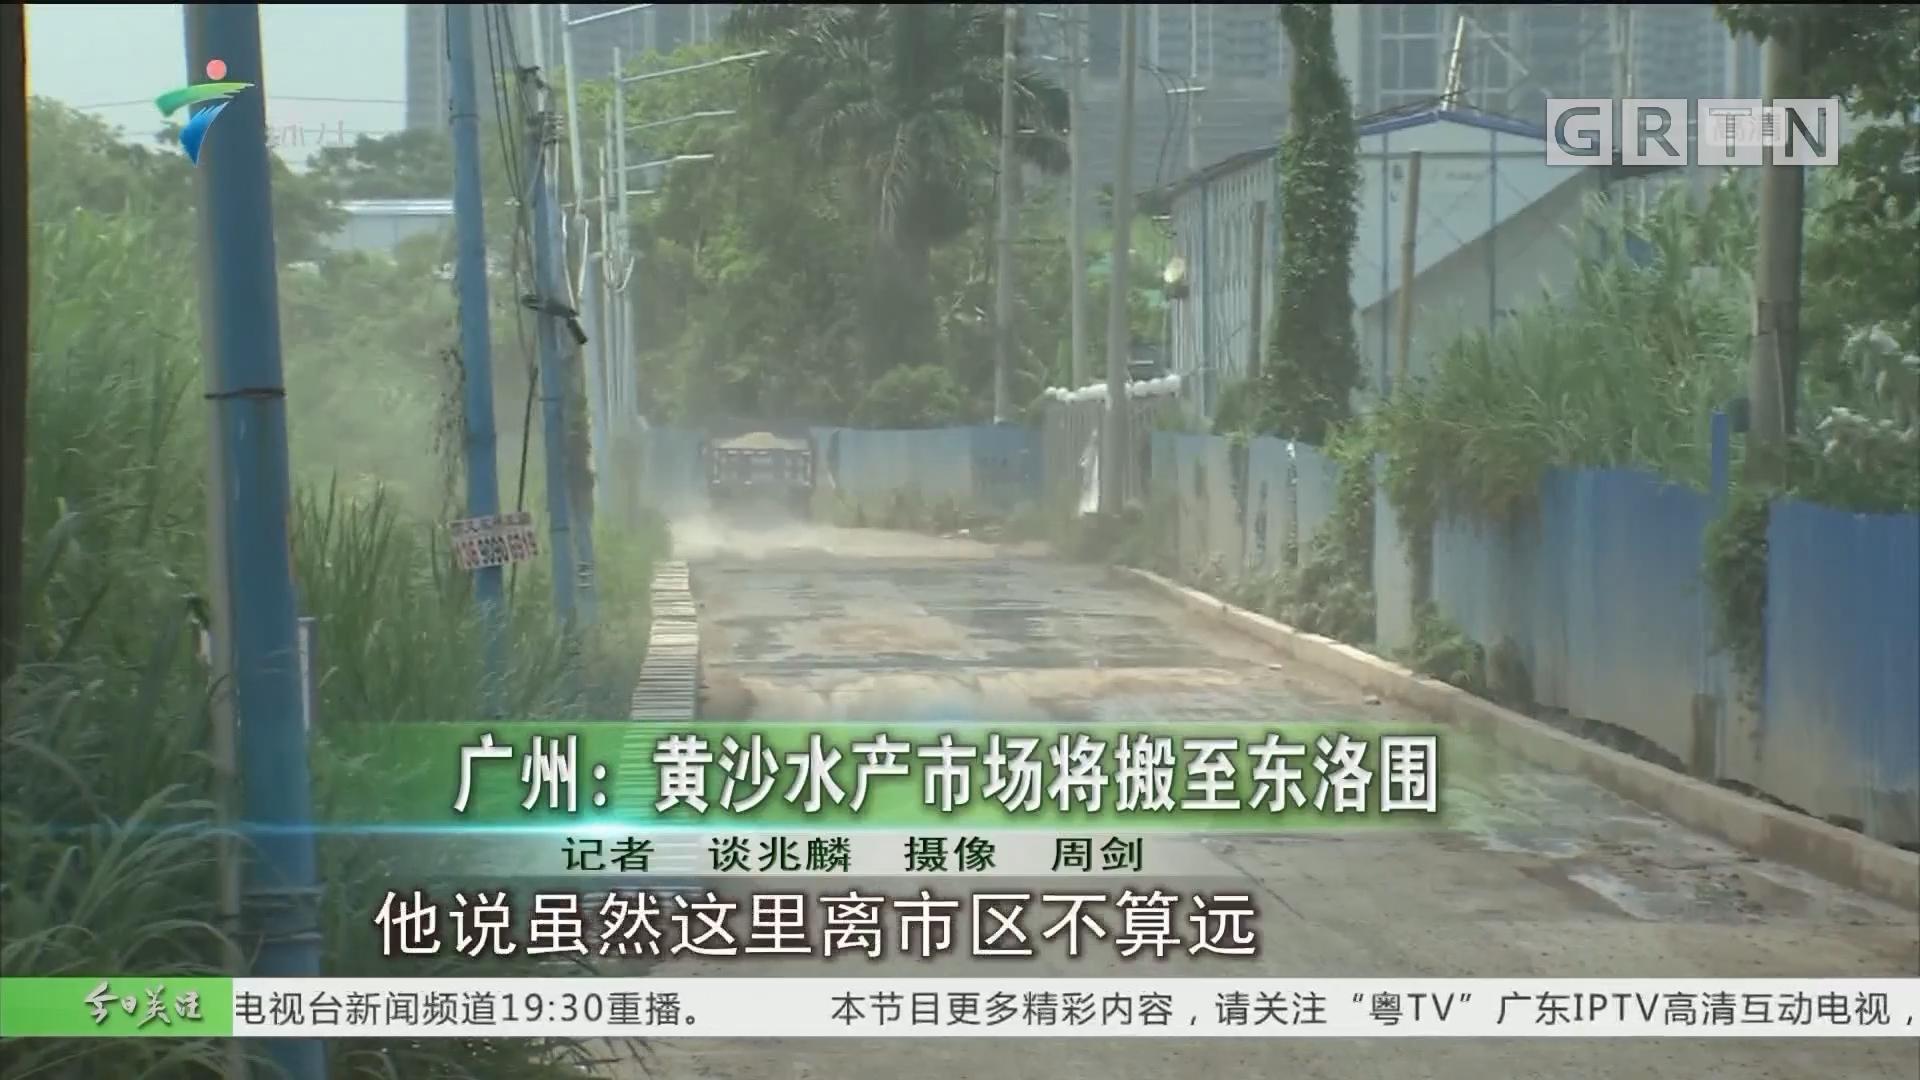 广州:黄沙水产市场将搬至东洛围